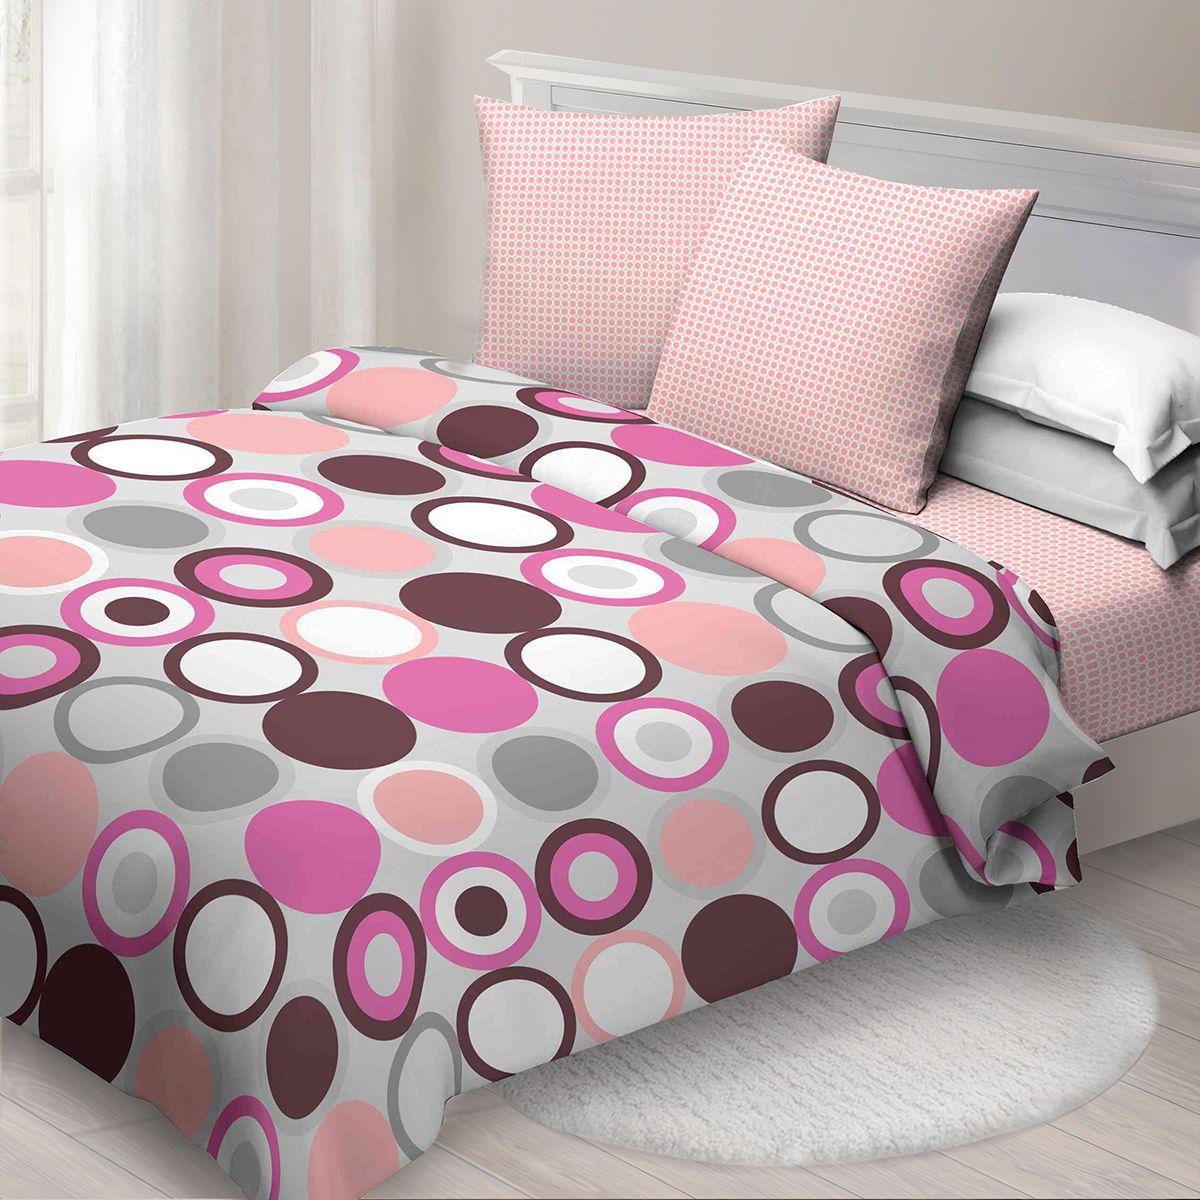 Комплект белья Спал Спалыч Ронди, 2-х спальное, наволочки 70x70, цвет: бордовый. 4083-182455